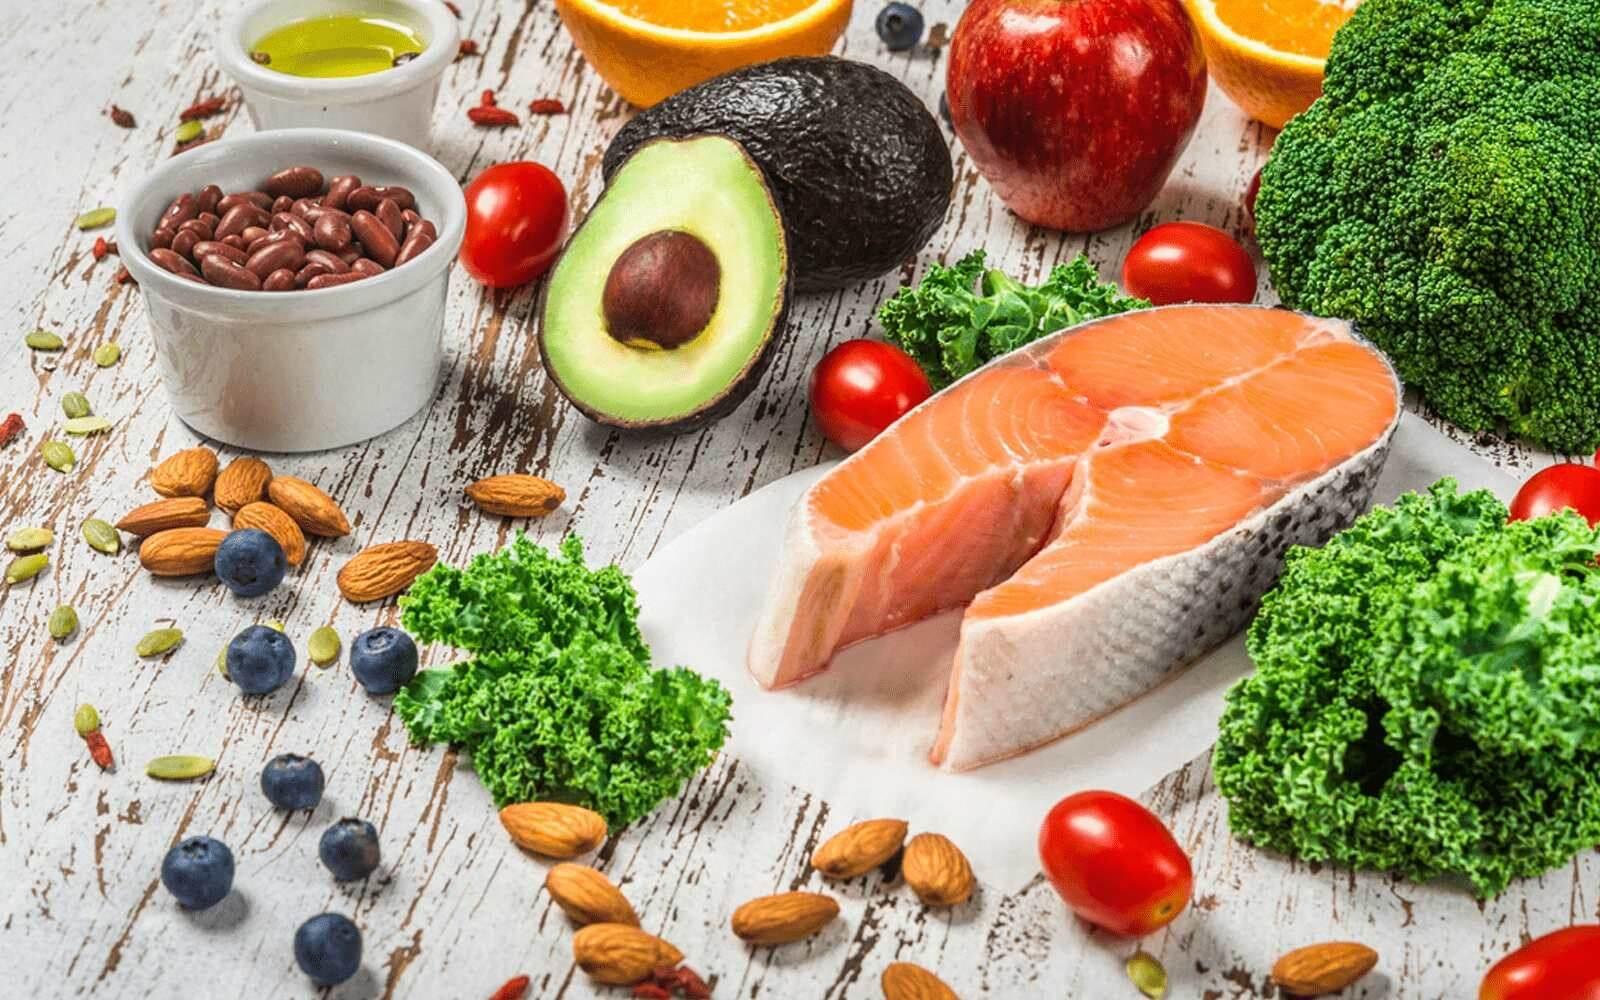 Enak dan Aman, Ini 6 Makanan Paling Sehat untuk Penderita Diabetes